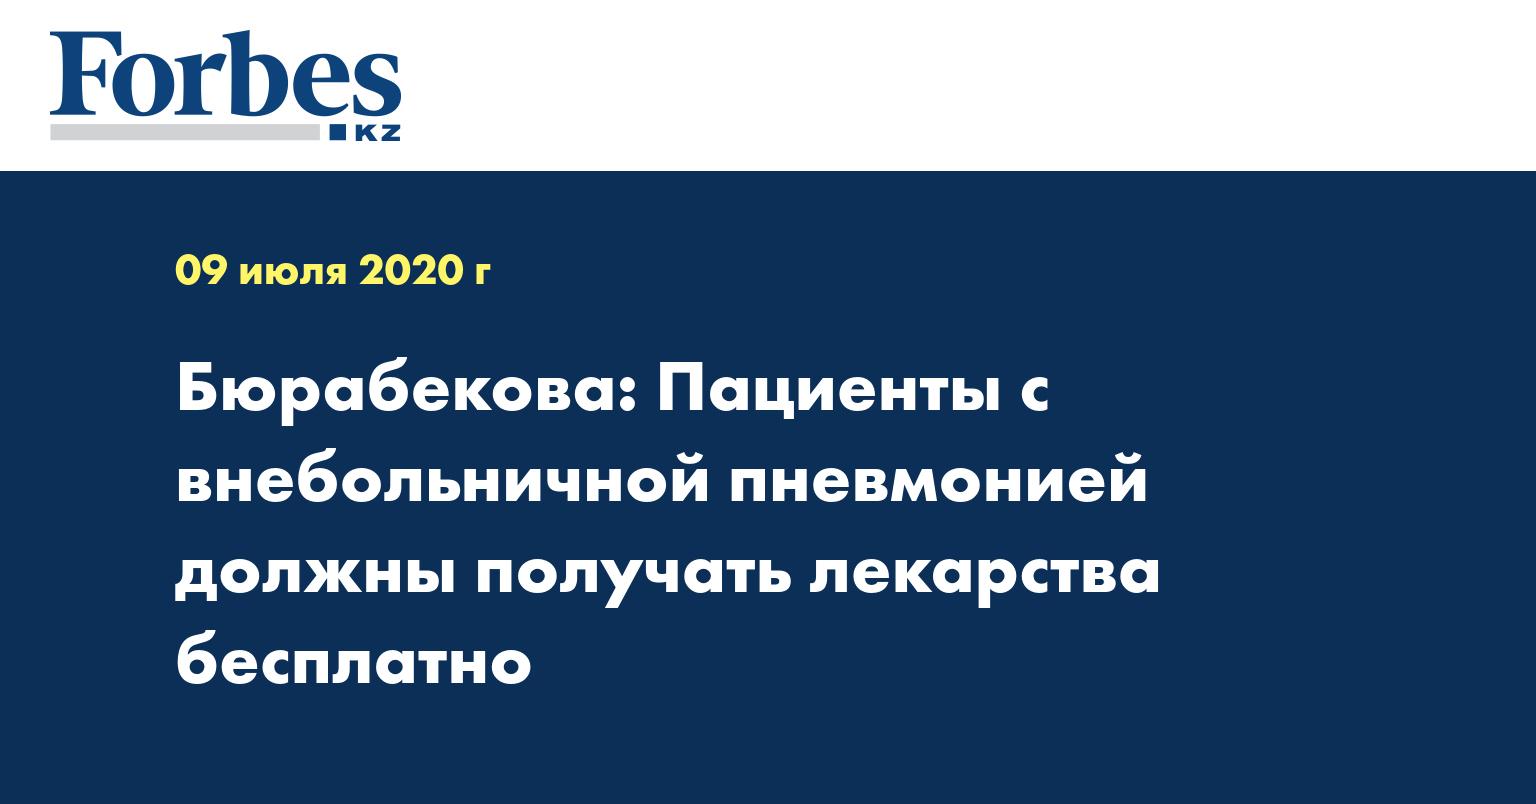 Бюрабекова: Пациенты с внебольничной пневмонией  должны получать лекарства бесплатно